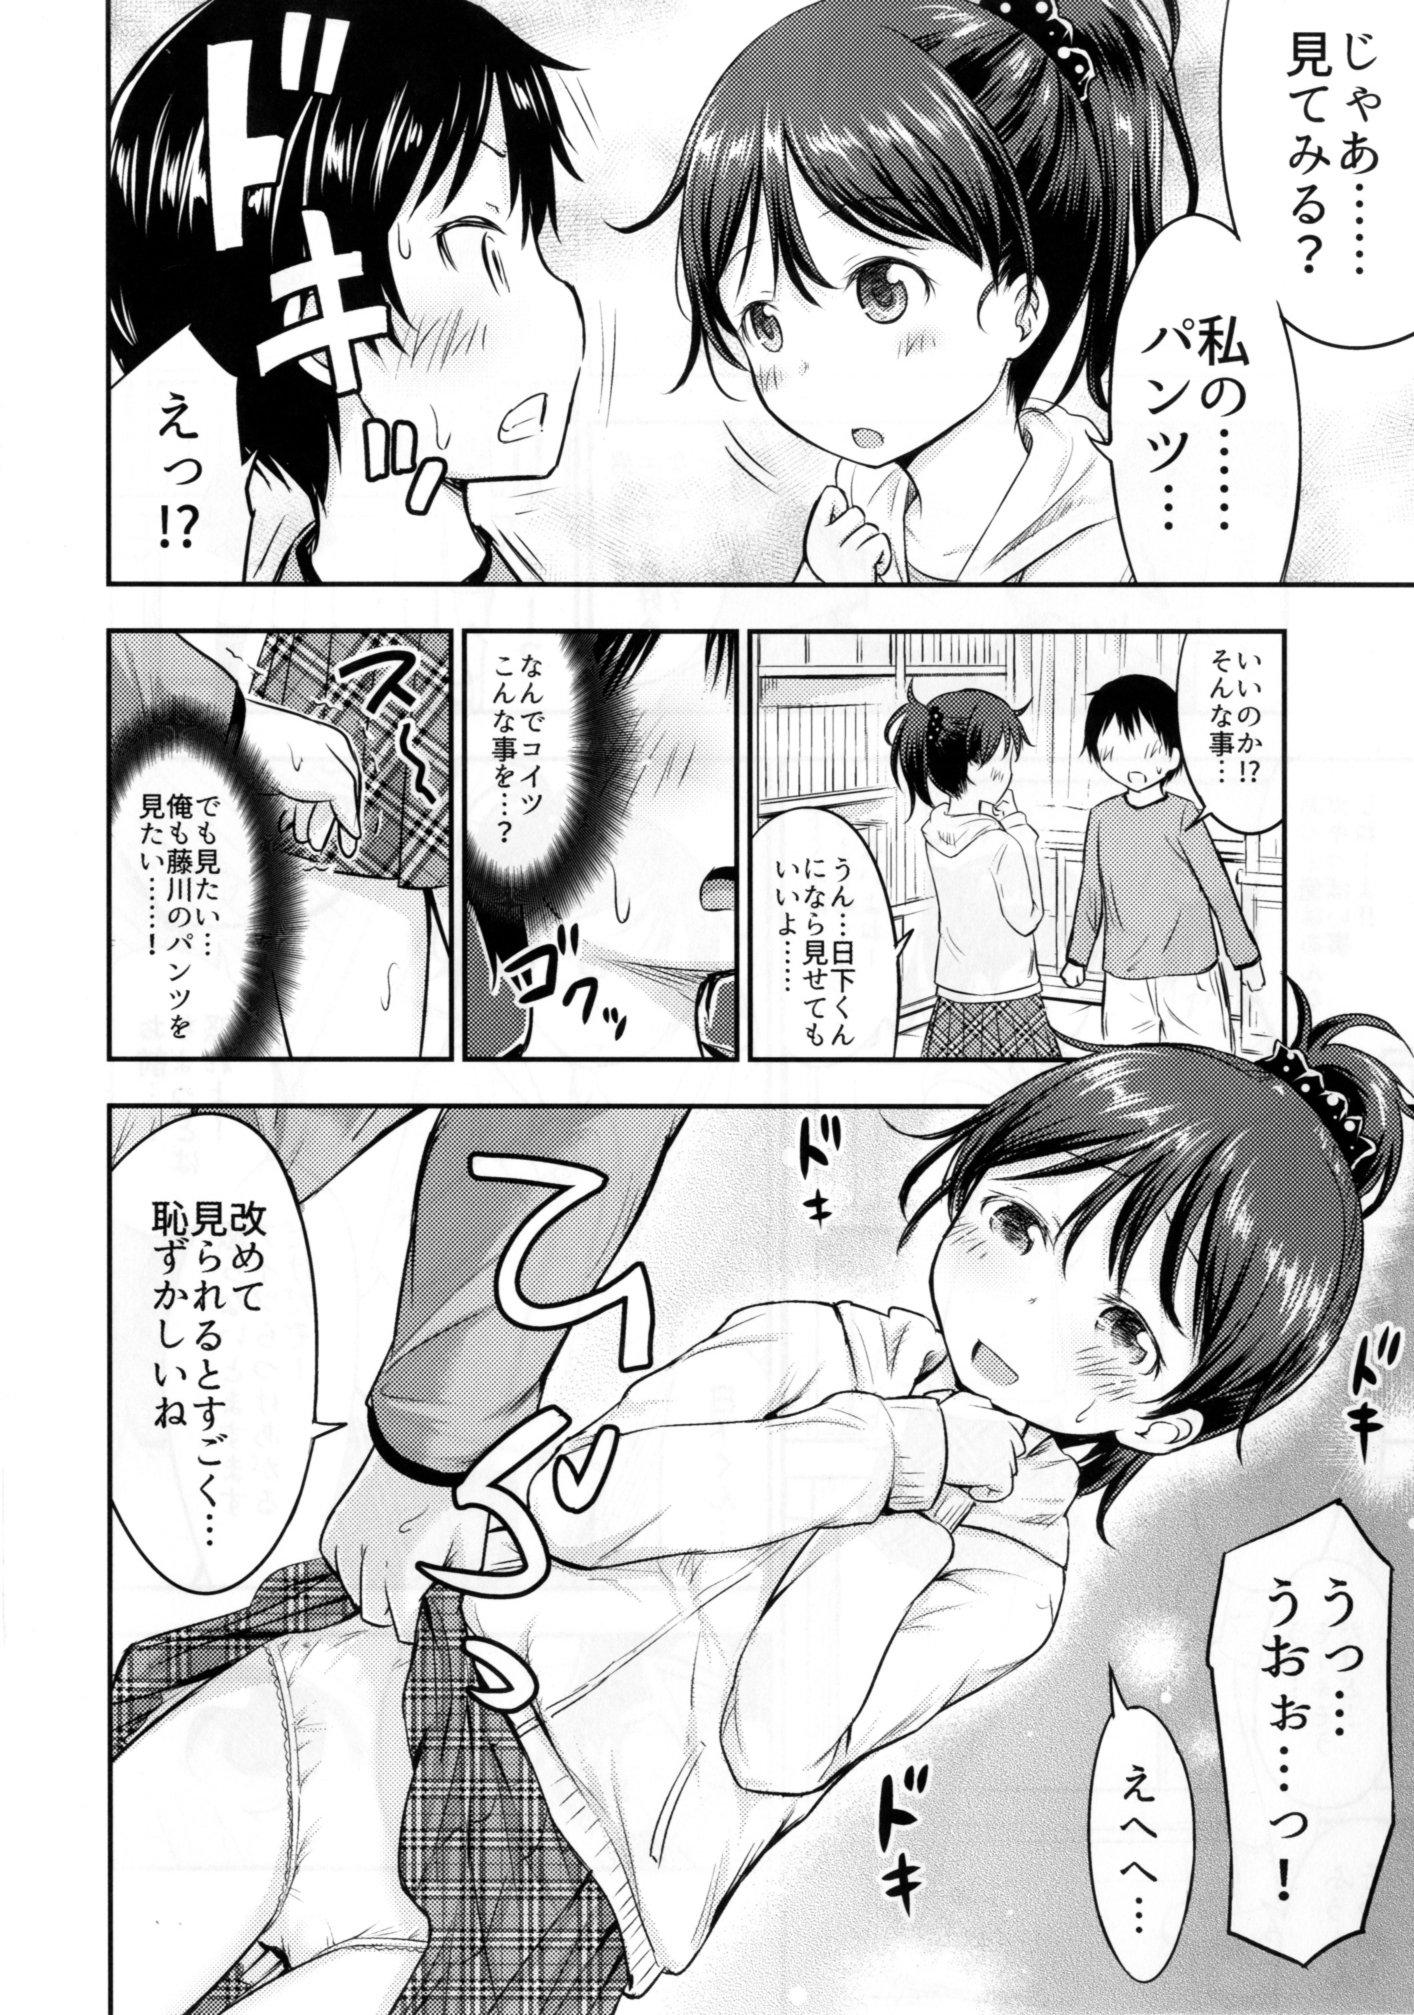 【エロ漫画・エロ同人】ロリJSの同級生がパンツ見せてくれるって言うから見せてもらってたら興奮してきちゃってクンニしちゃったw告ったらエッチOK出たからセックスしちゃってるしwww こどもの性活 (5)